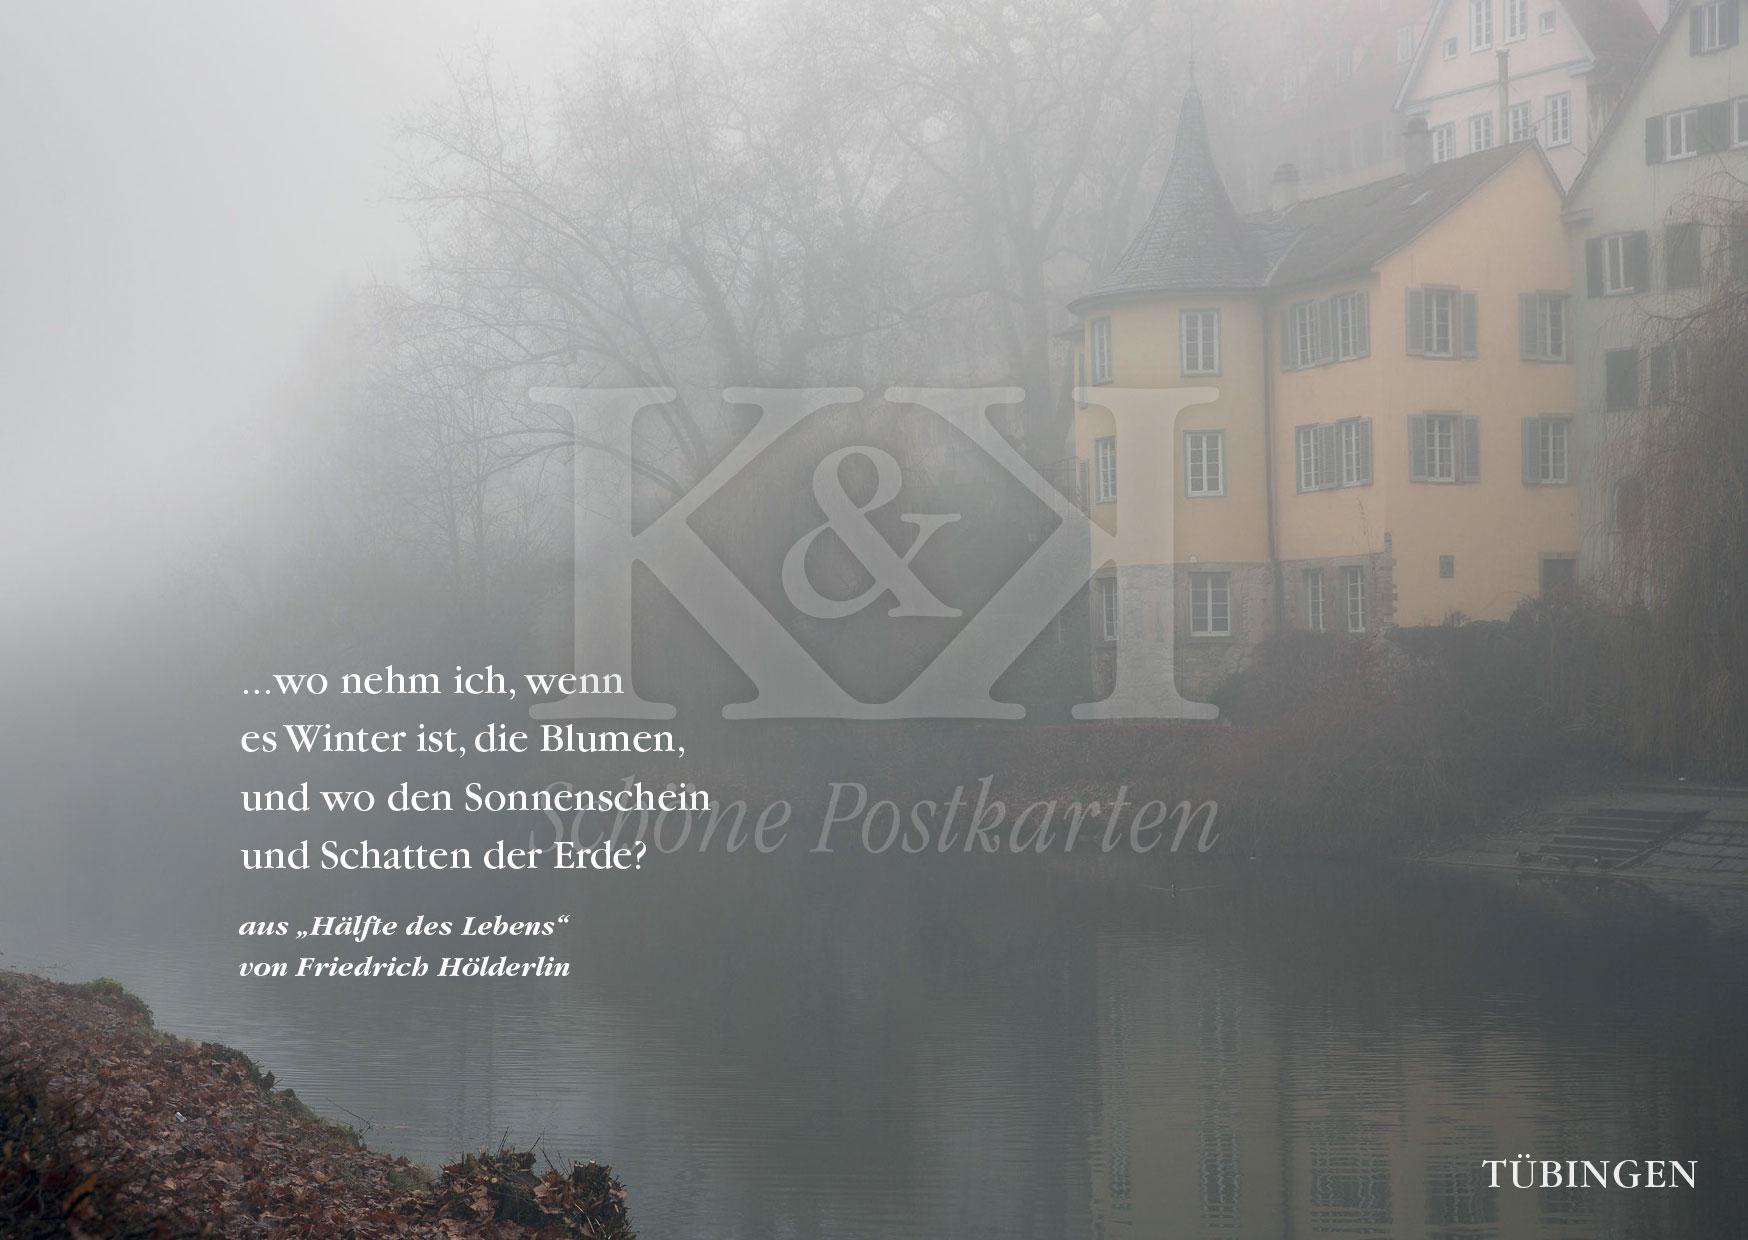 Hölderlinturm in Tübingen am Neckar | Schöne Postkarte Nr. 93 | www.schoenepostkarten.de